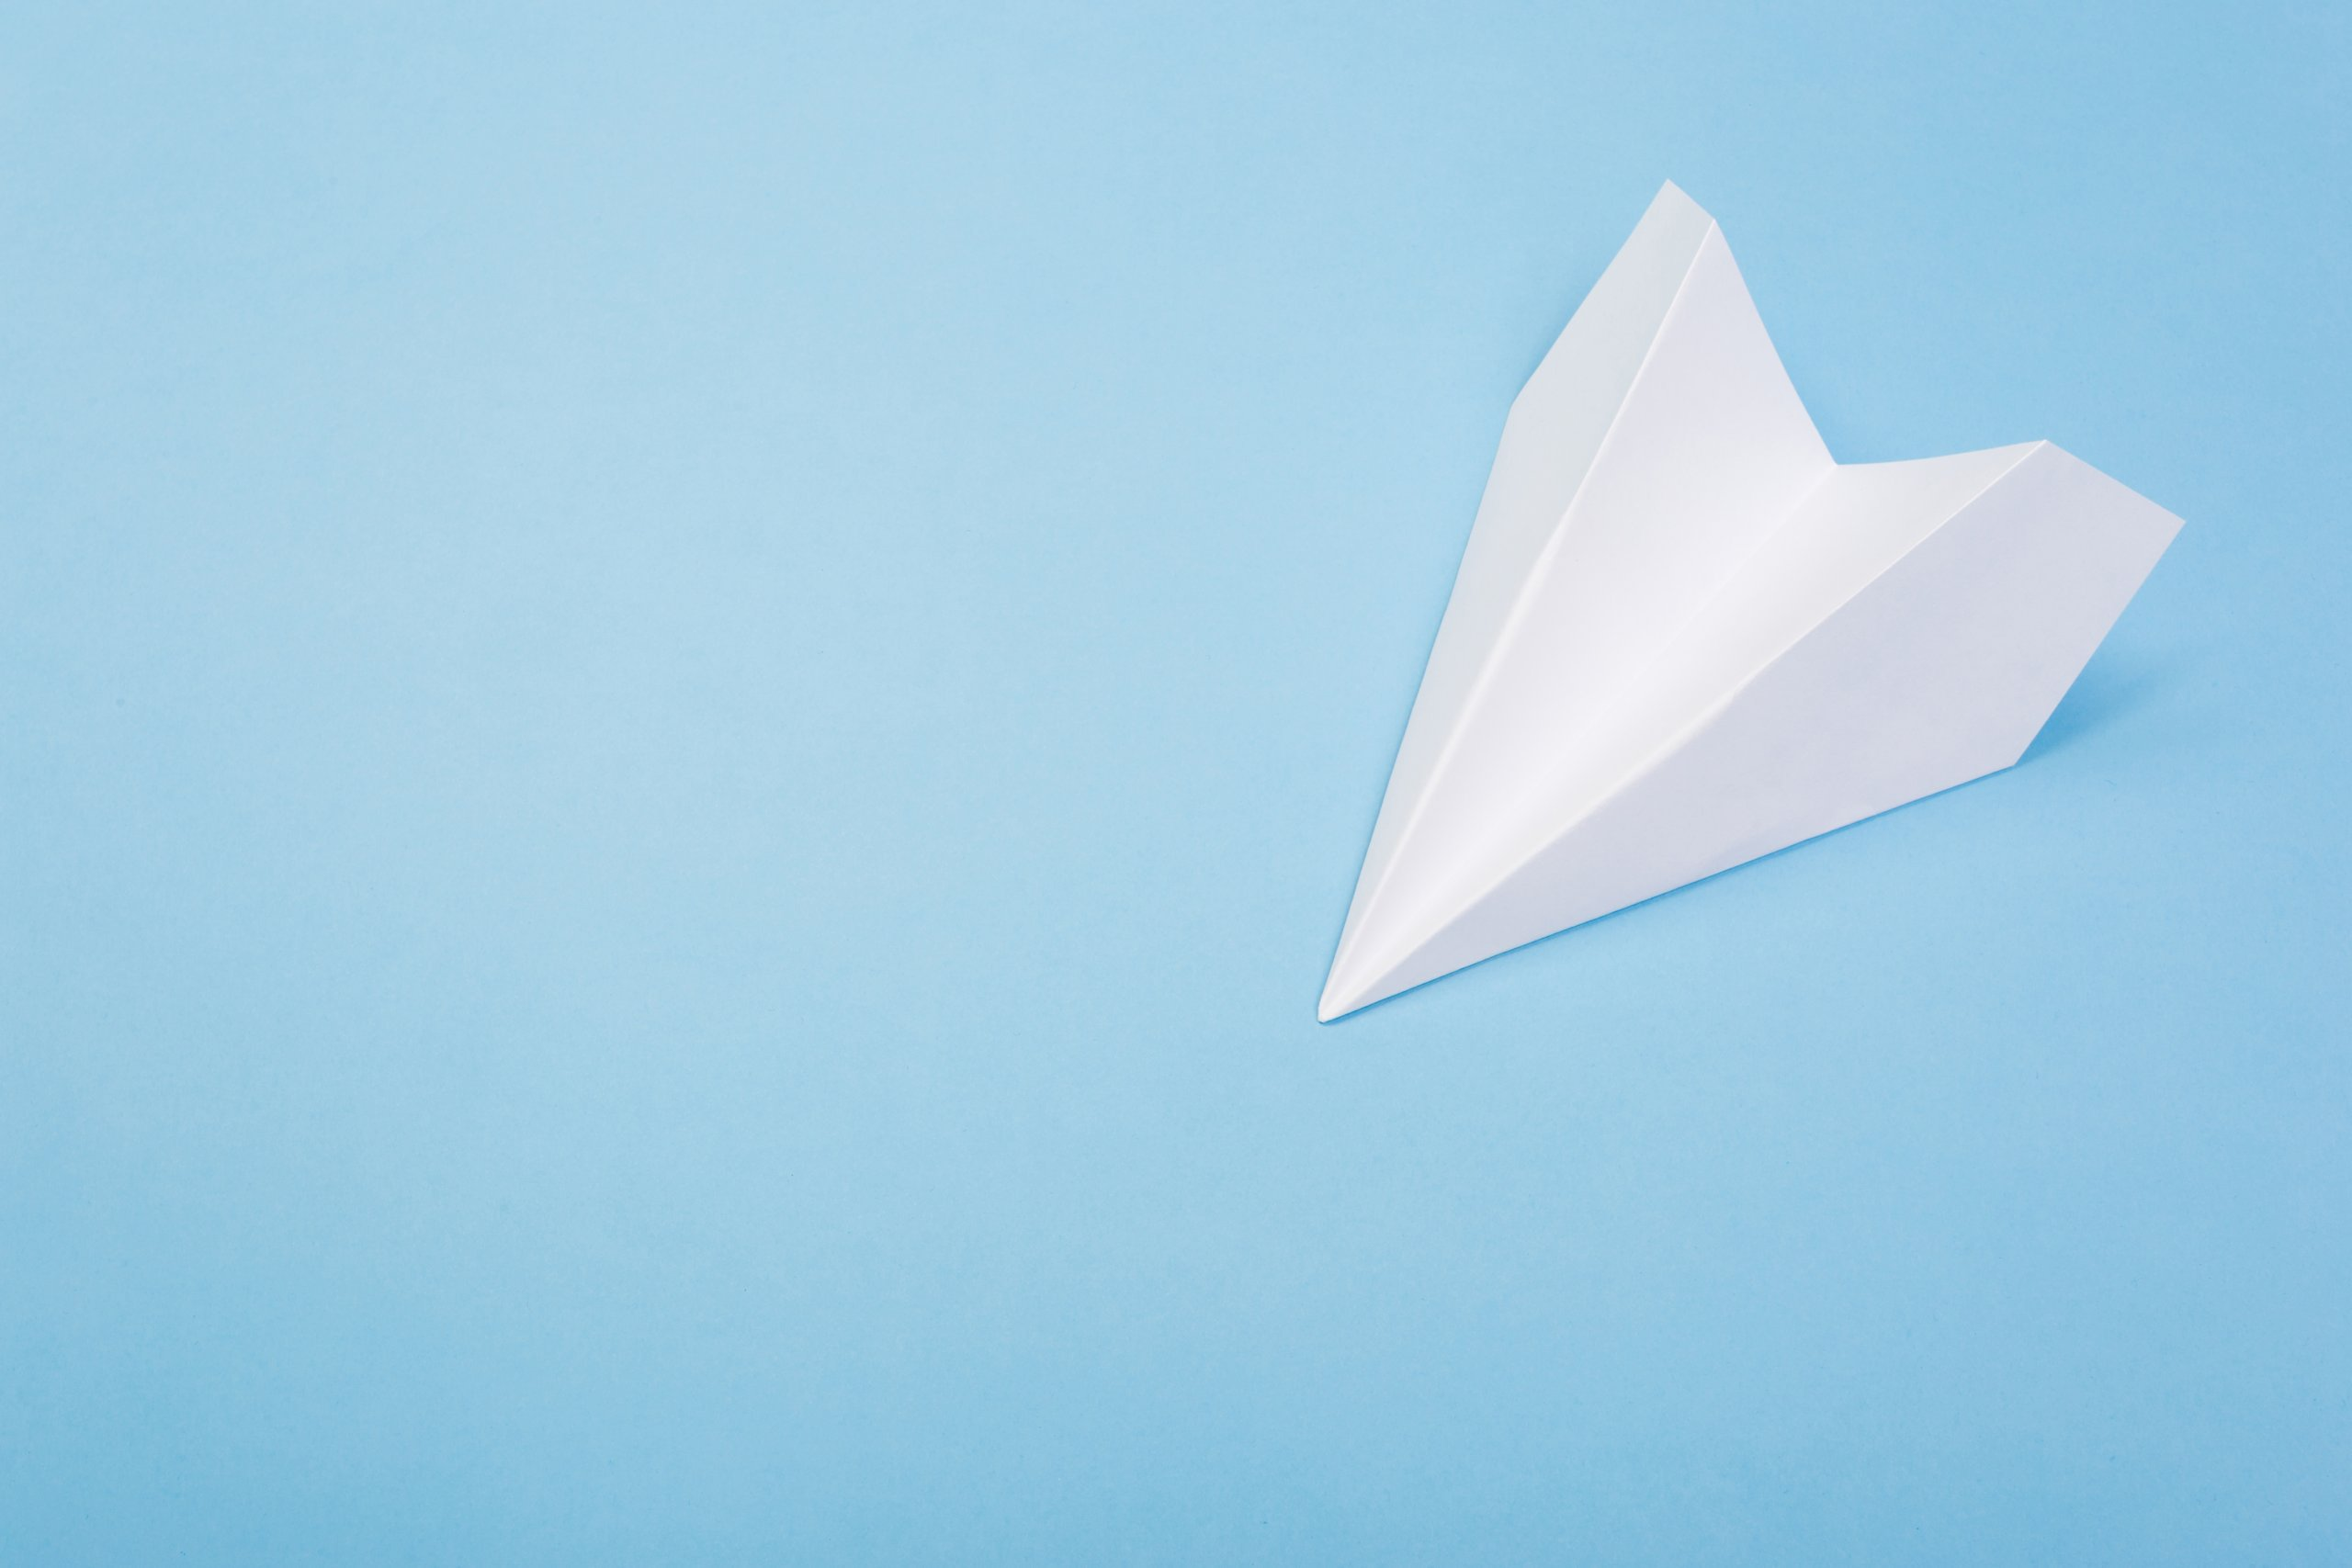 ein papierflieger der aussieht wie das symbol des telegram-messanger auf blauem hintergrund